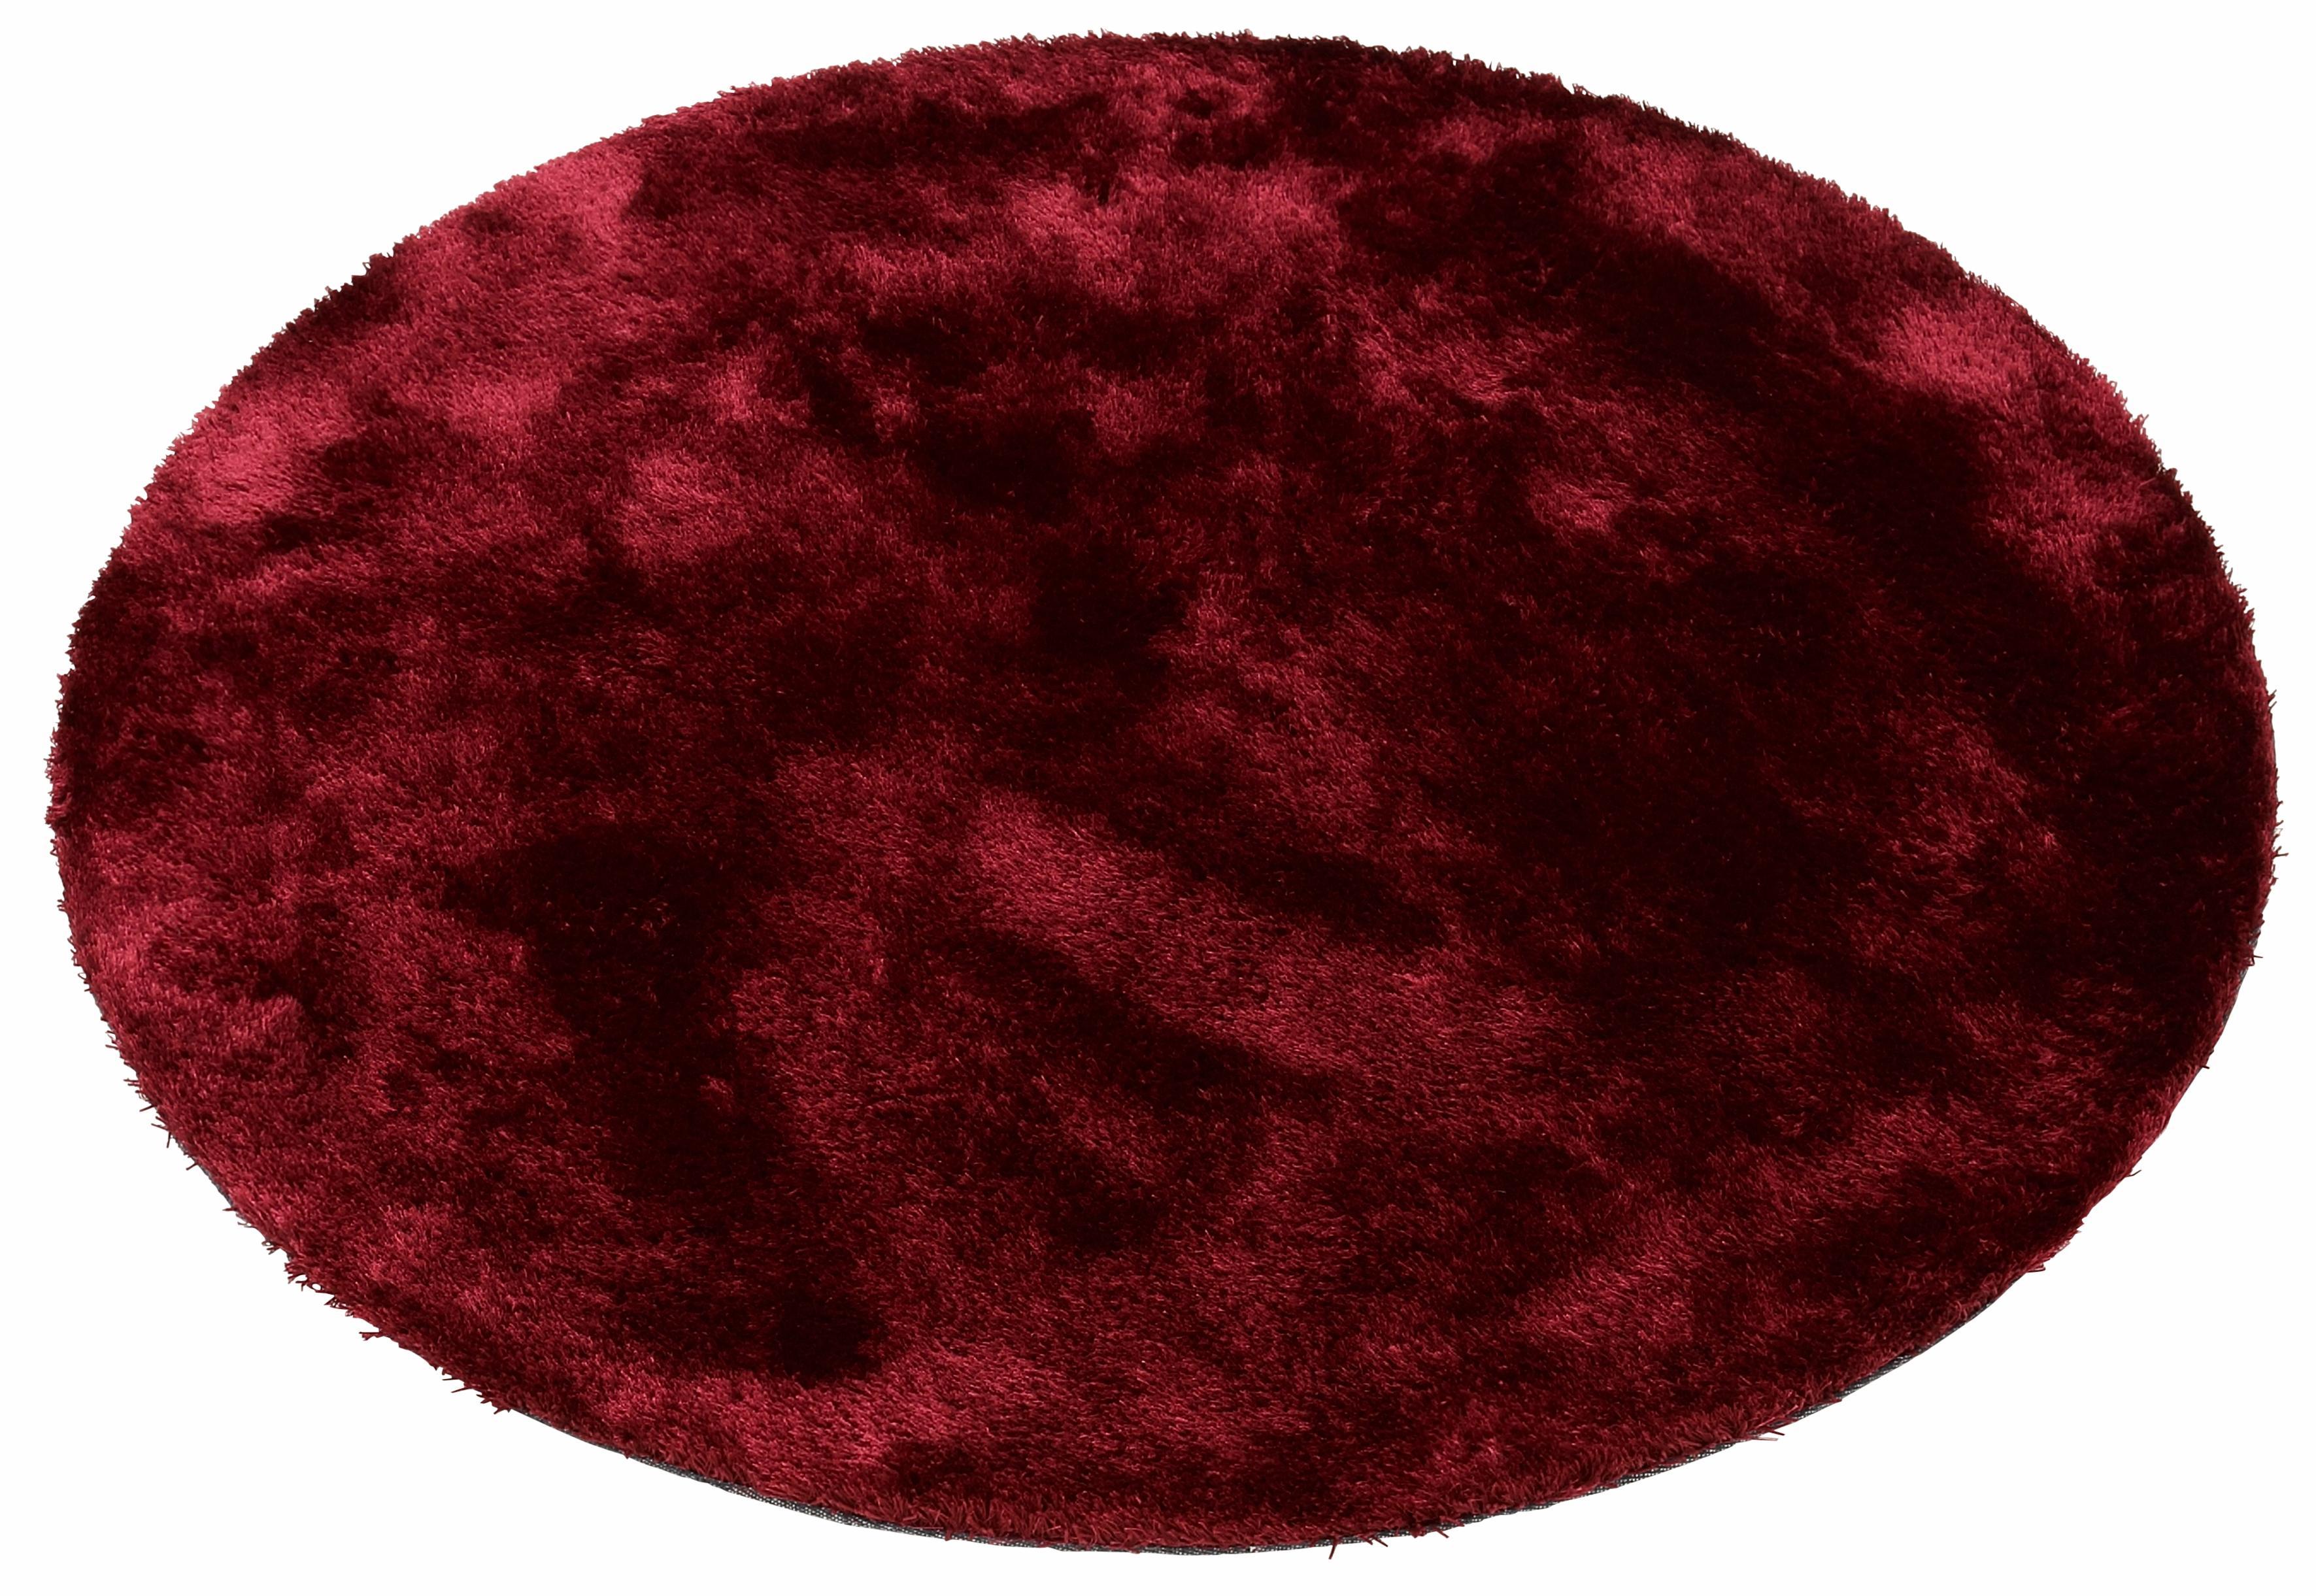 Hochflor-Teppich, »Dana«, Bruno Banani, rund, Höhe 30 mm, maschinell gewebt | Heimtextilien > Teppiche > Hochflorteppiche | Rot | Bruno Banani